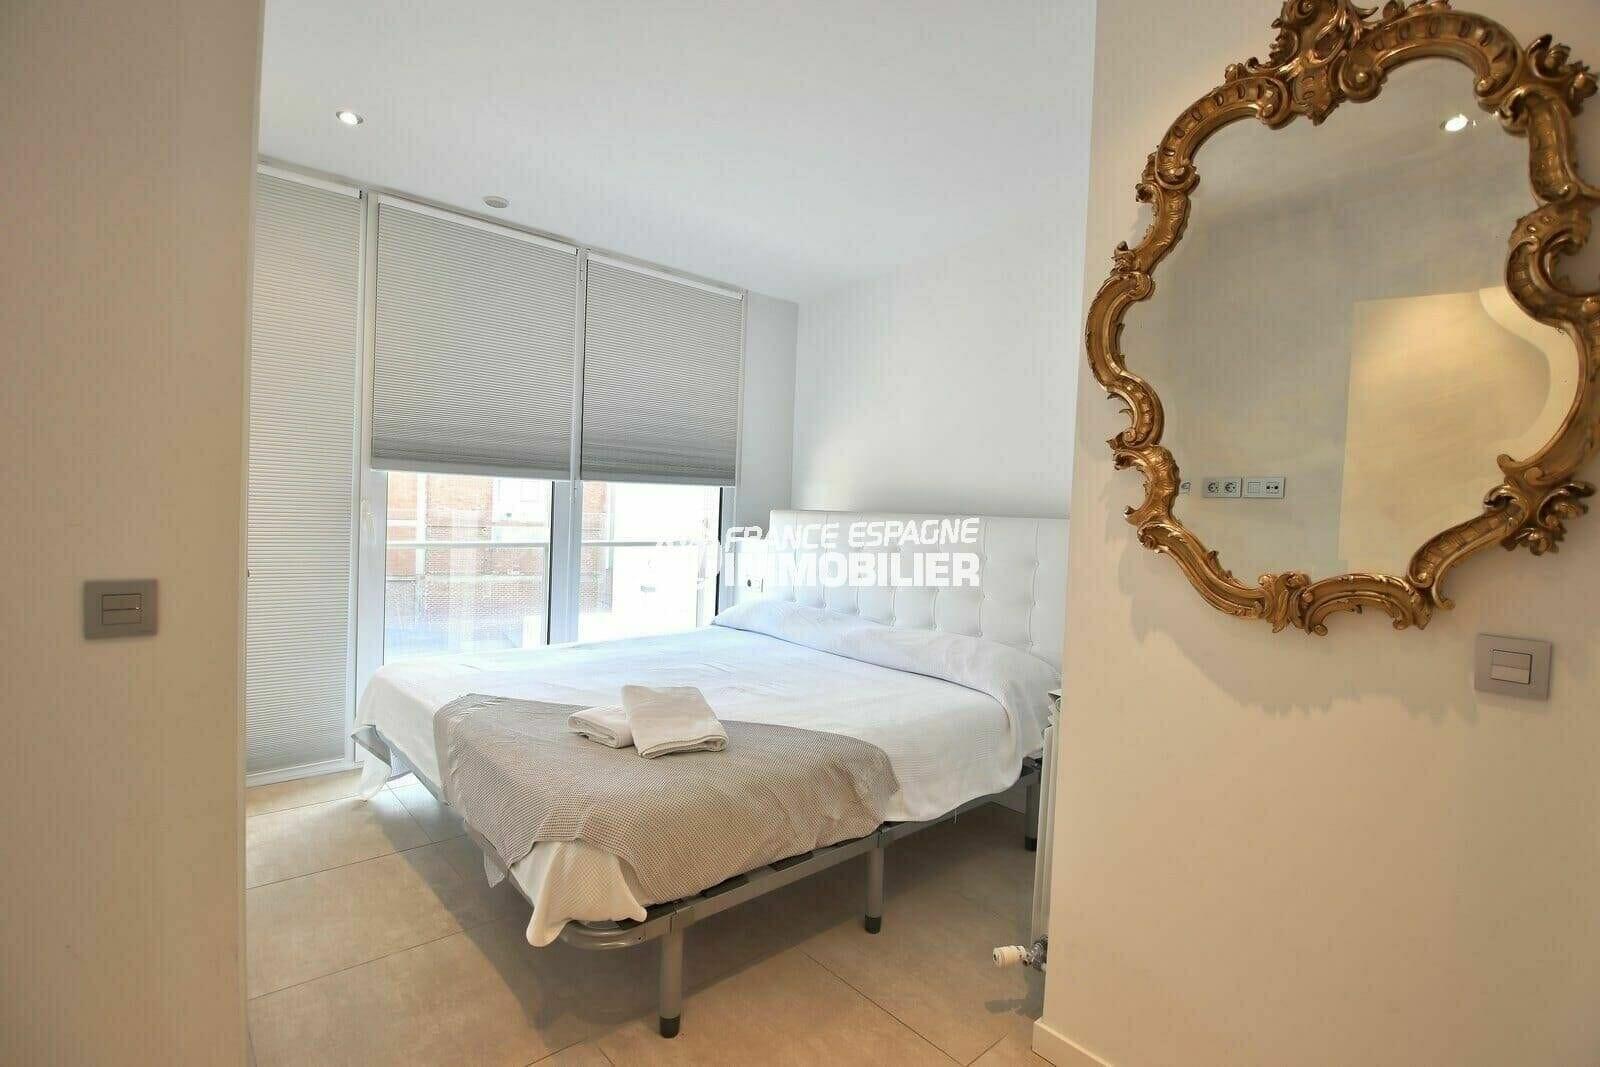 vente appartement rosas espagne, 112 m², première chambre avec lit double